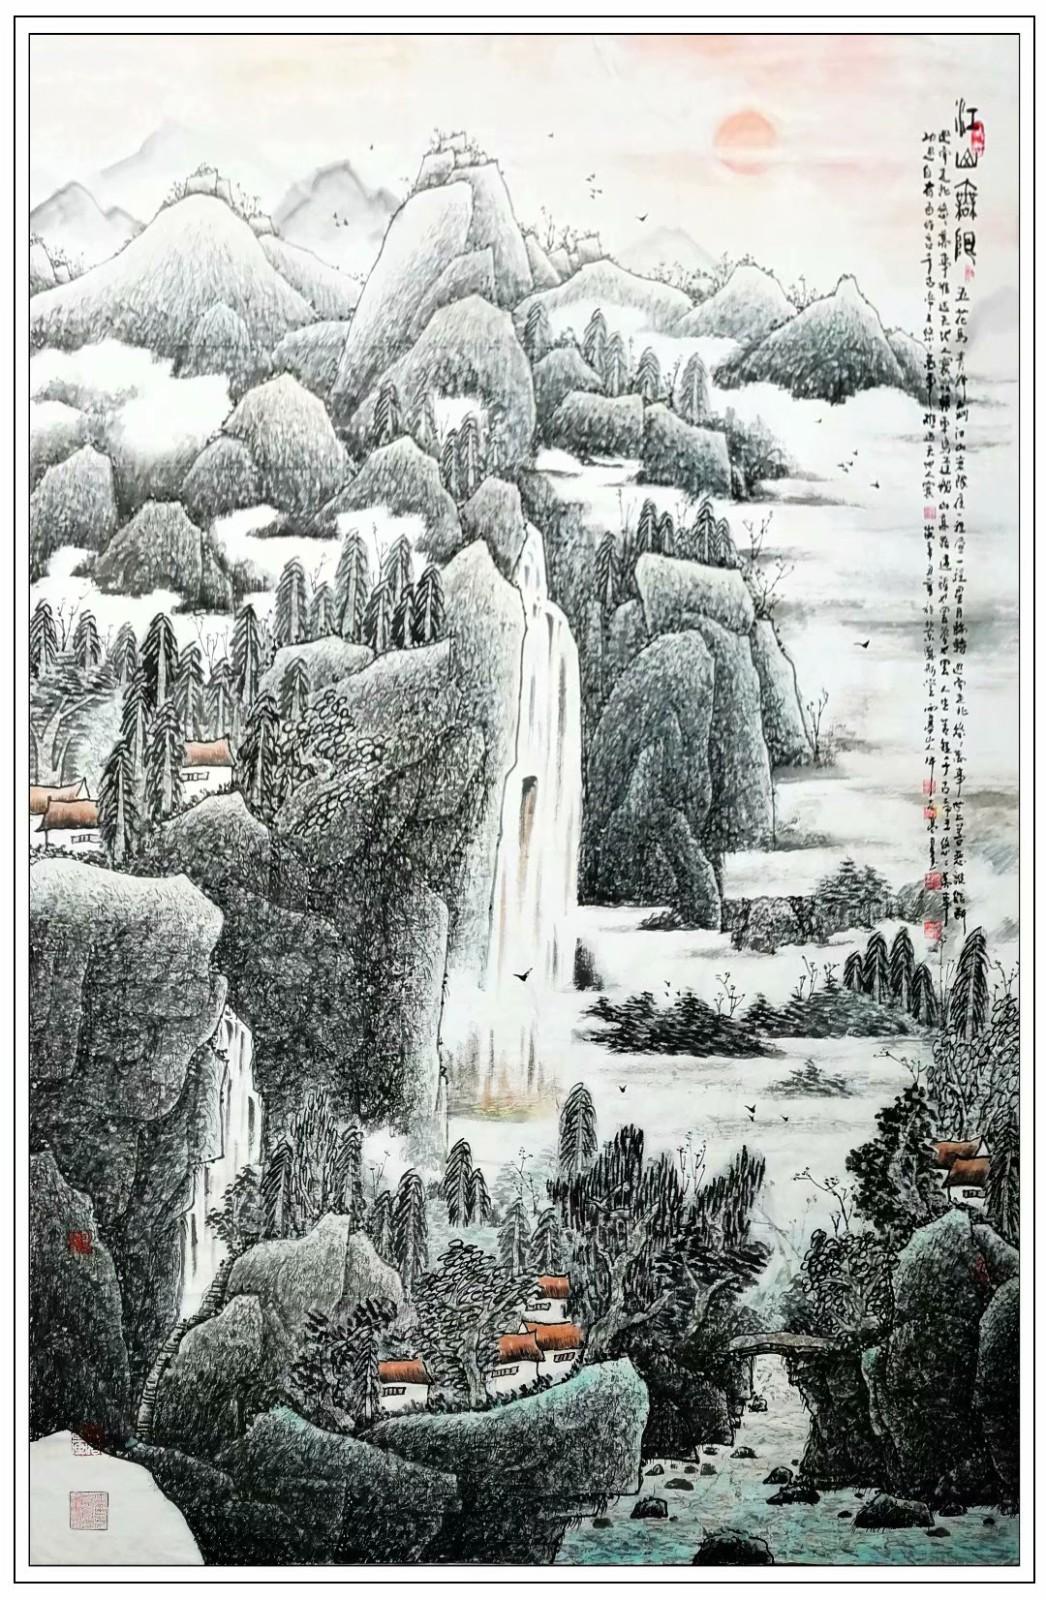 庆祝中国共产党成立100周年---牛志高山水画【220CMX150CM】2021.03.31 ..._图1-10